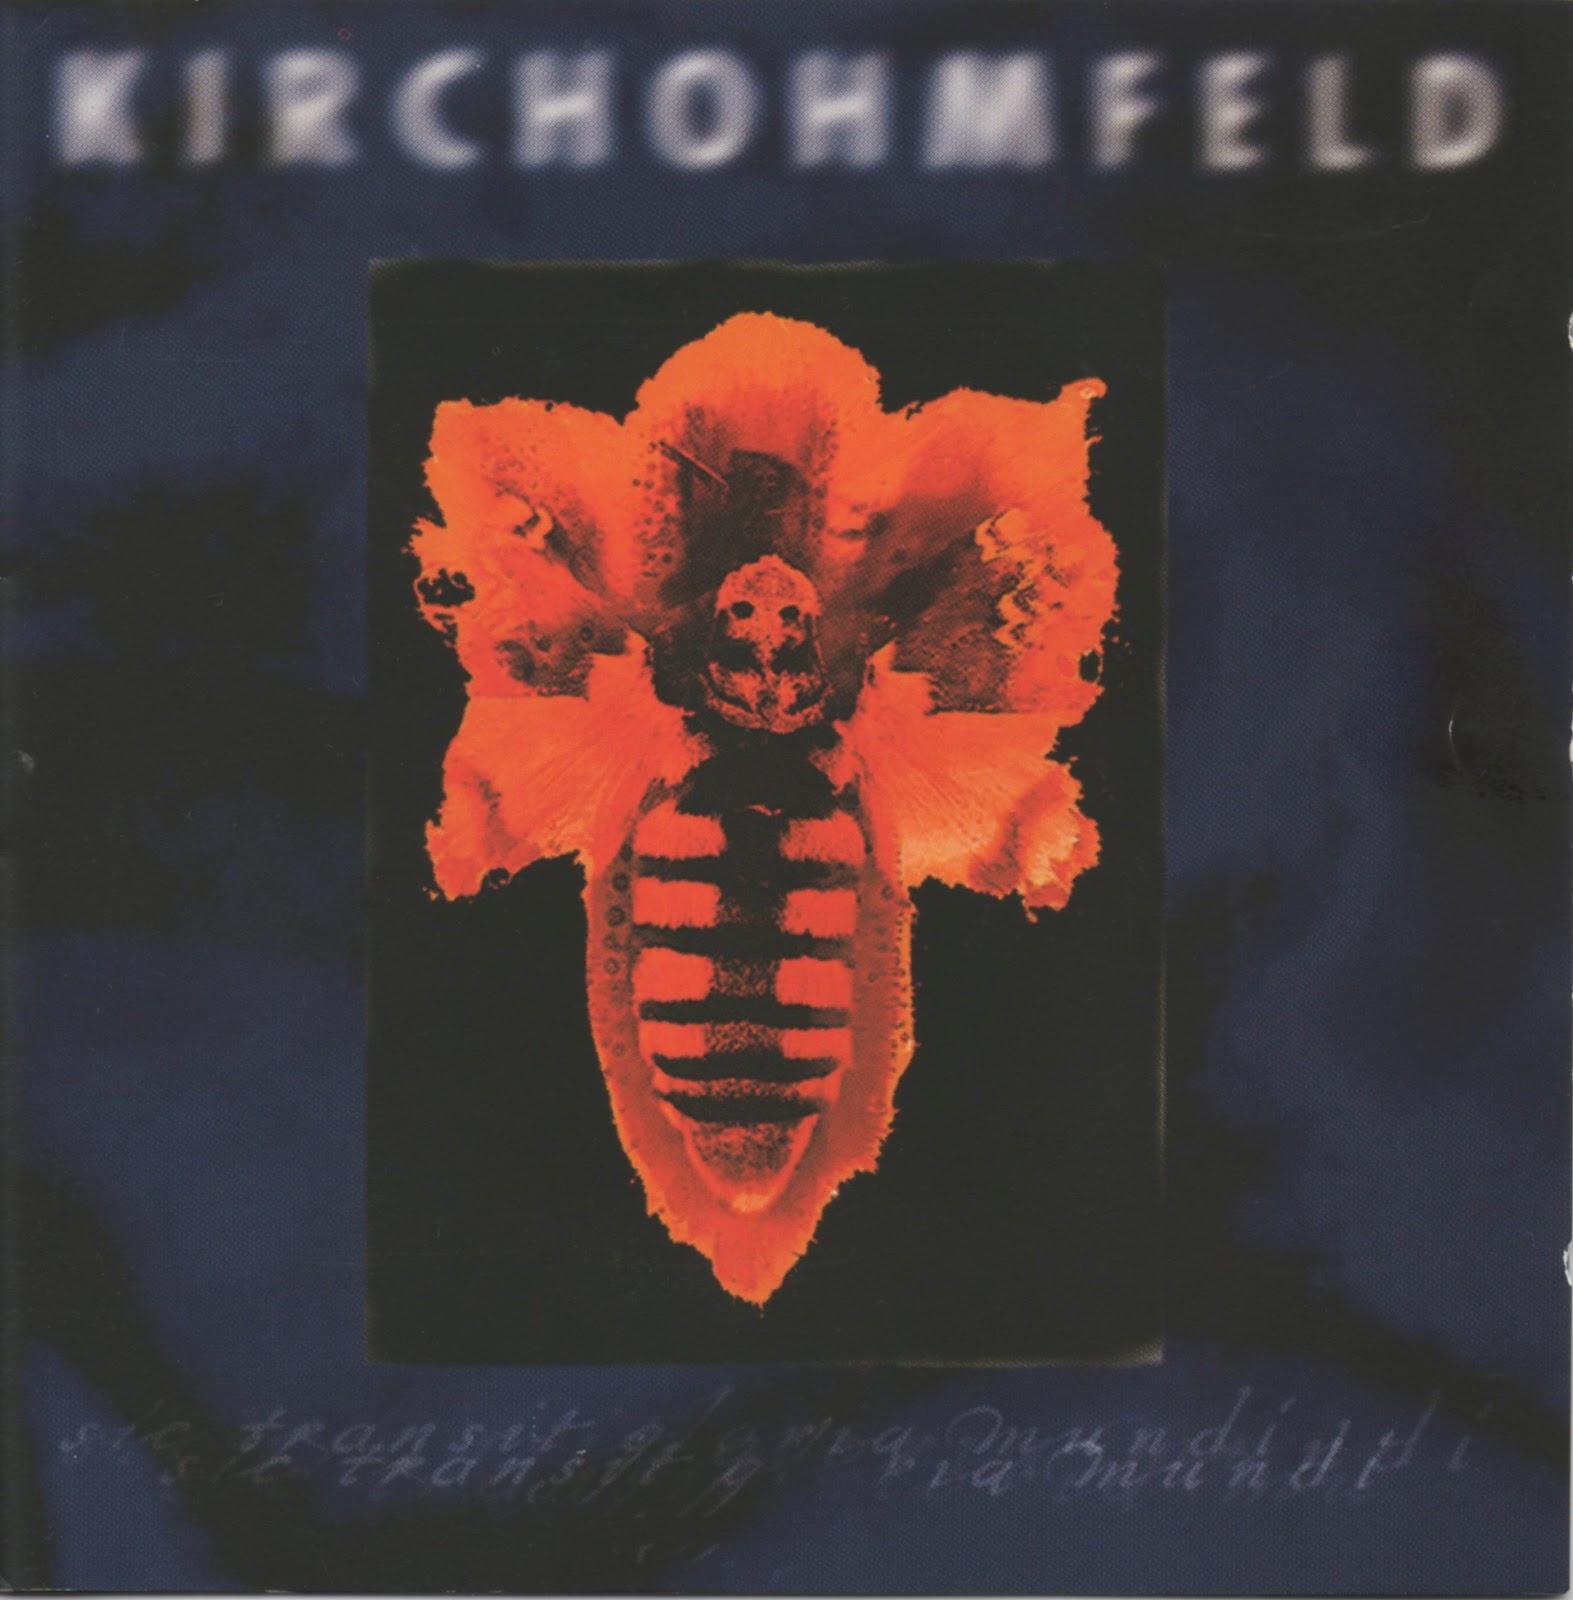 Kirchohmfeld - Querschnitt